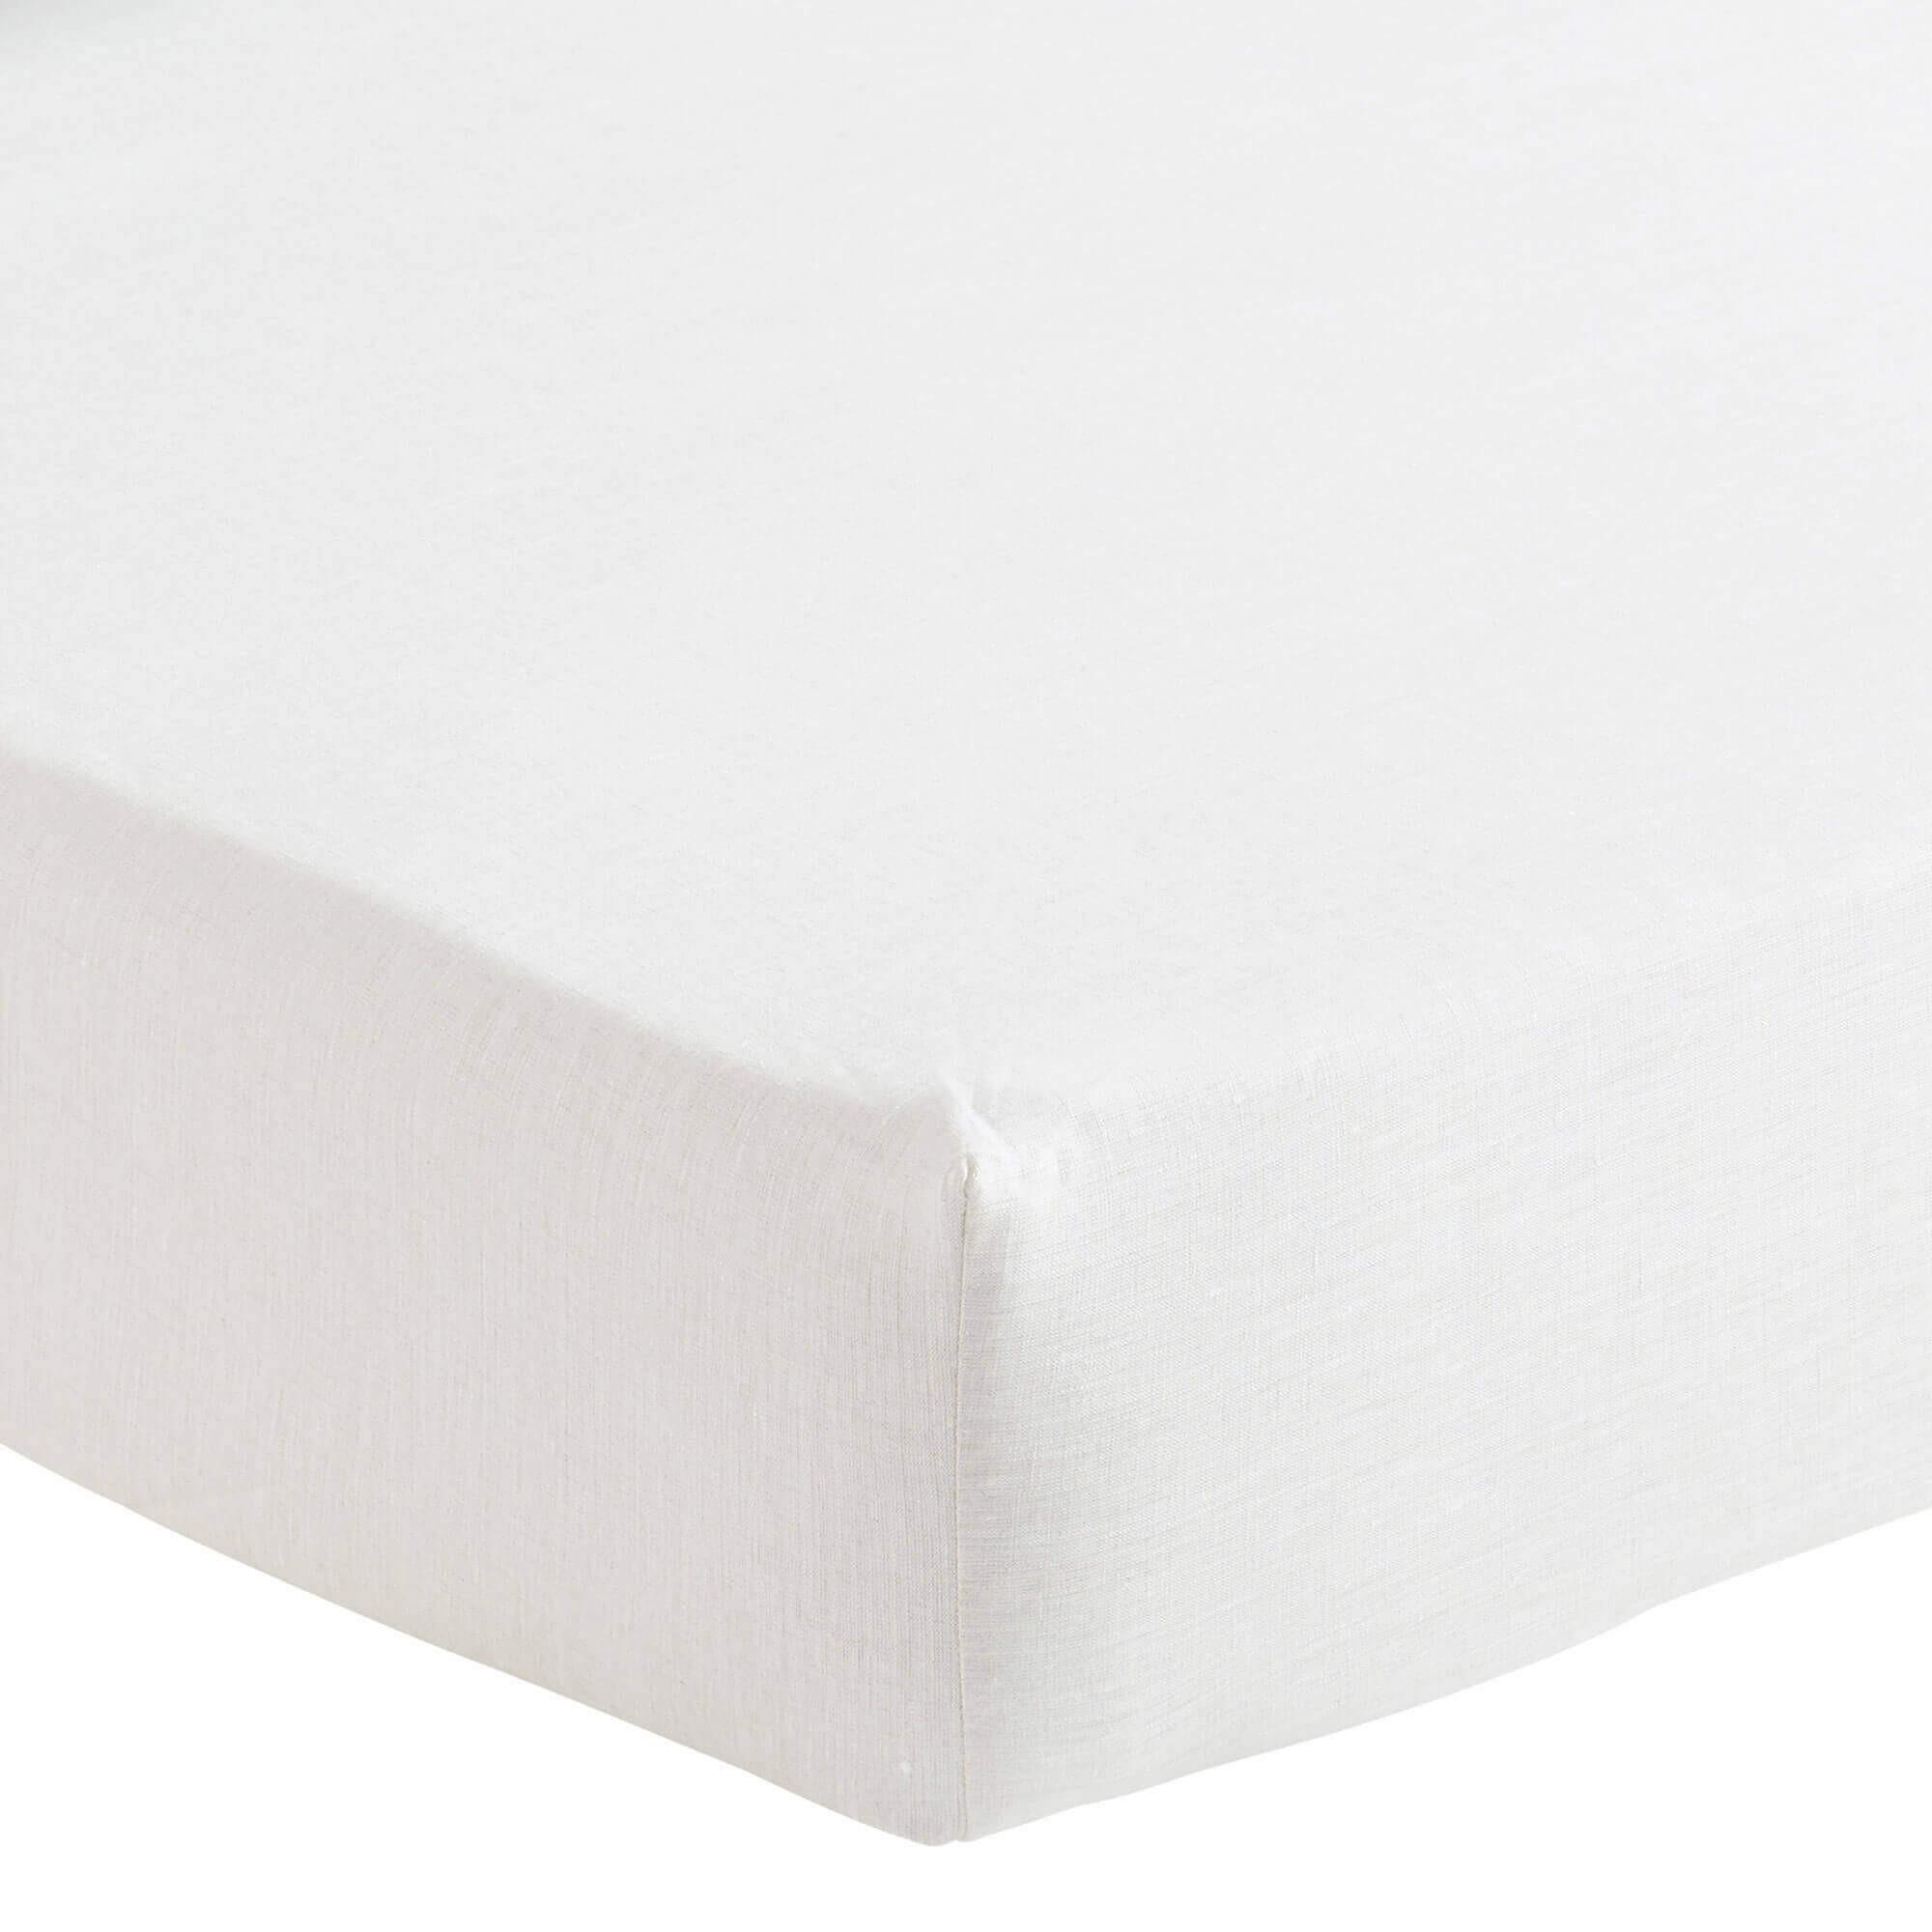 Drap housse en lin blanc 180x200